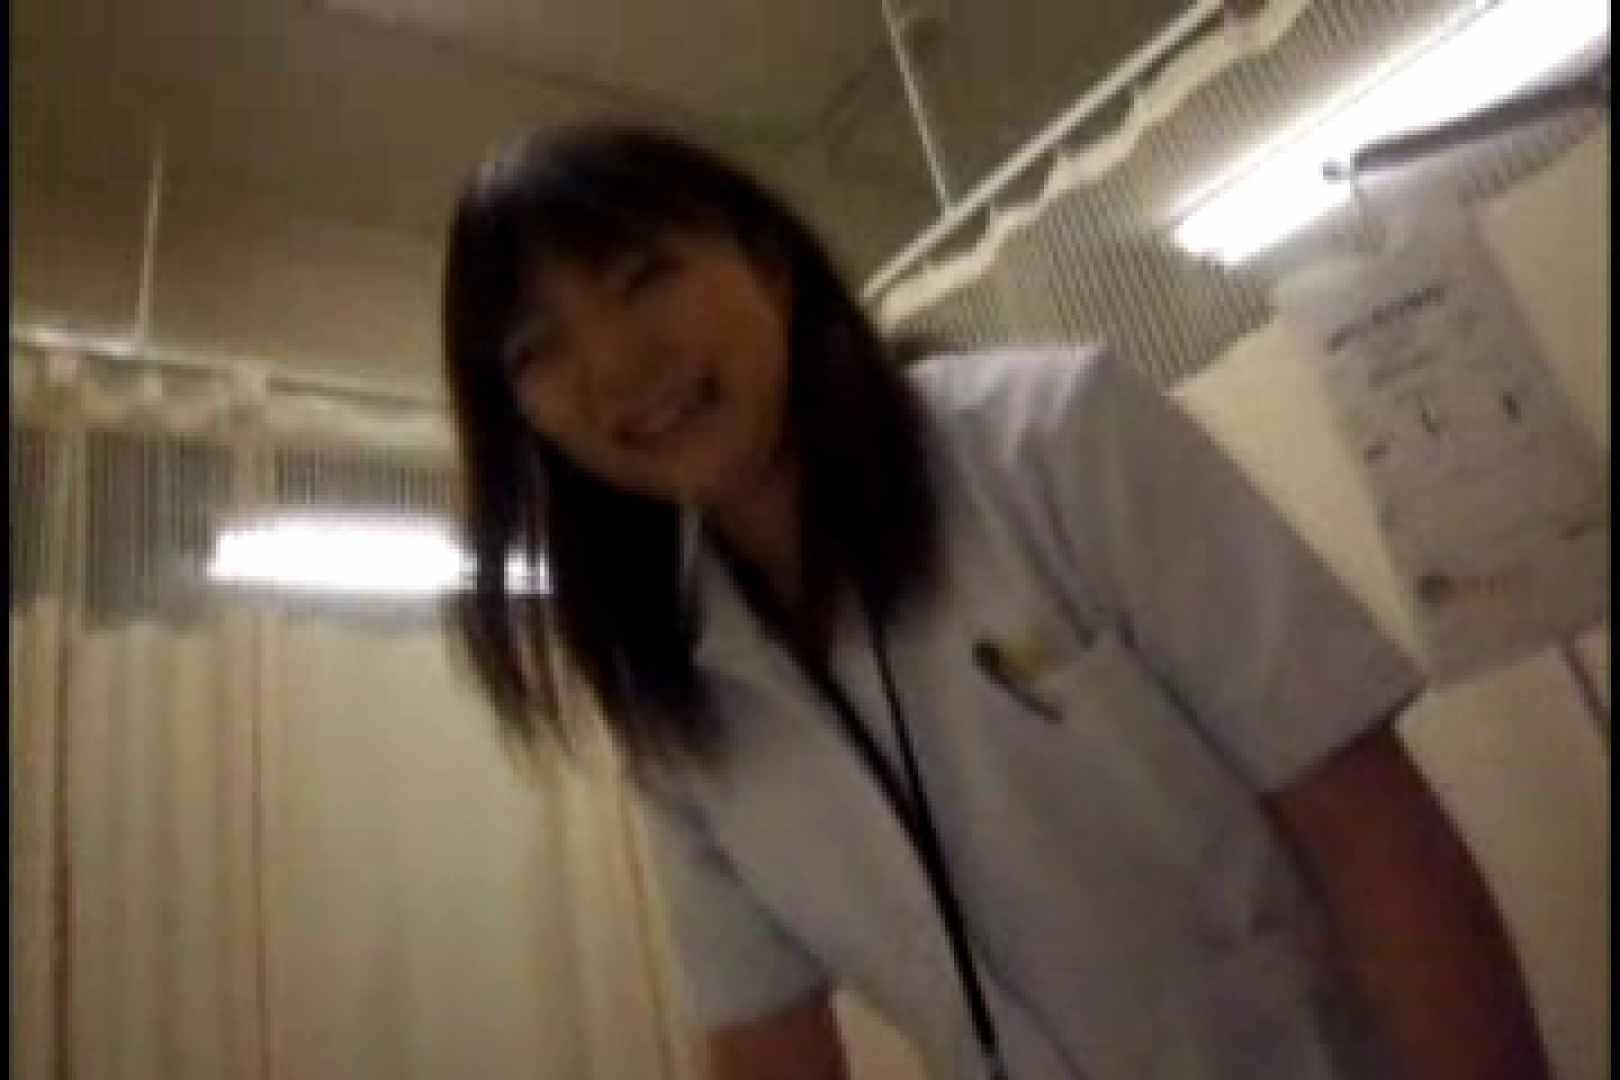 ヤリマンと呼ばれた看護士さんvol1 一般投稿  93pic 12